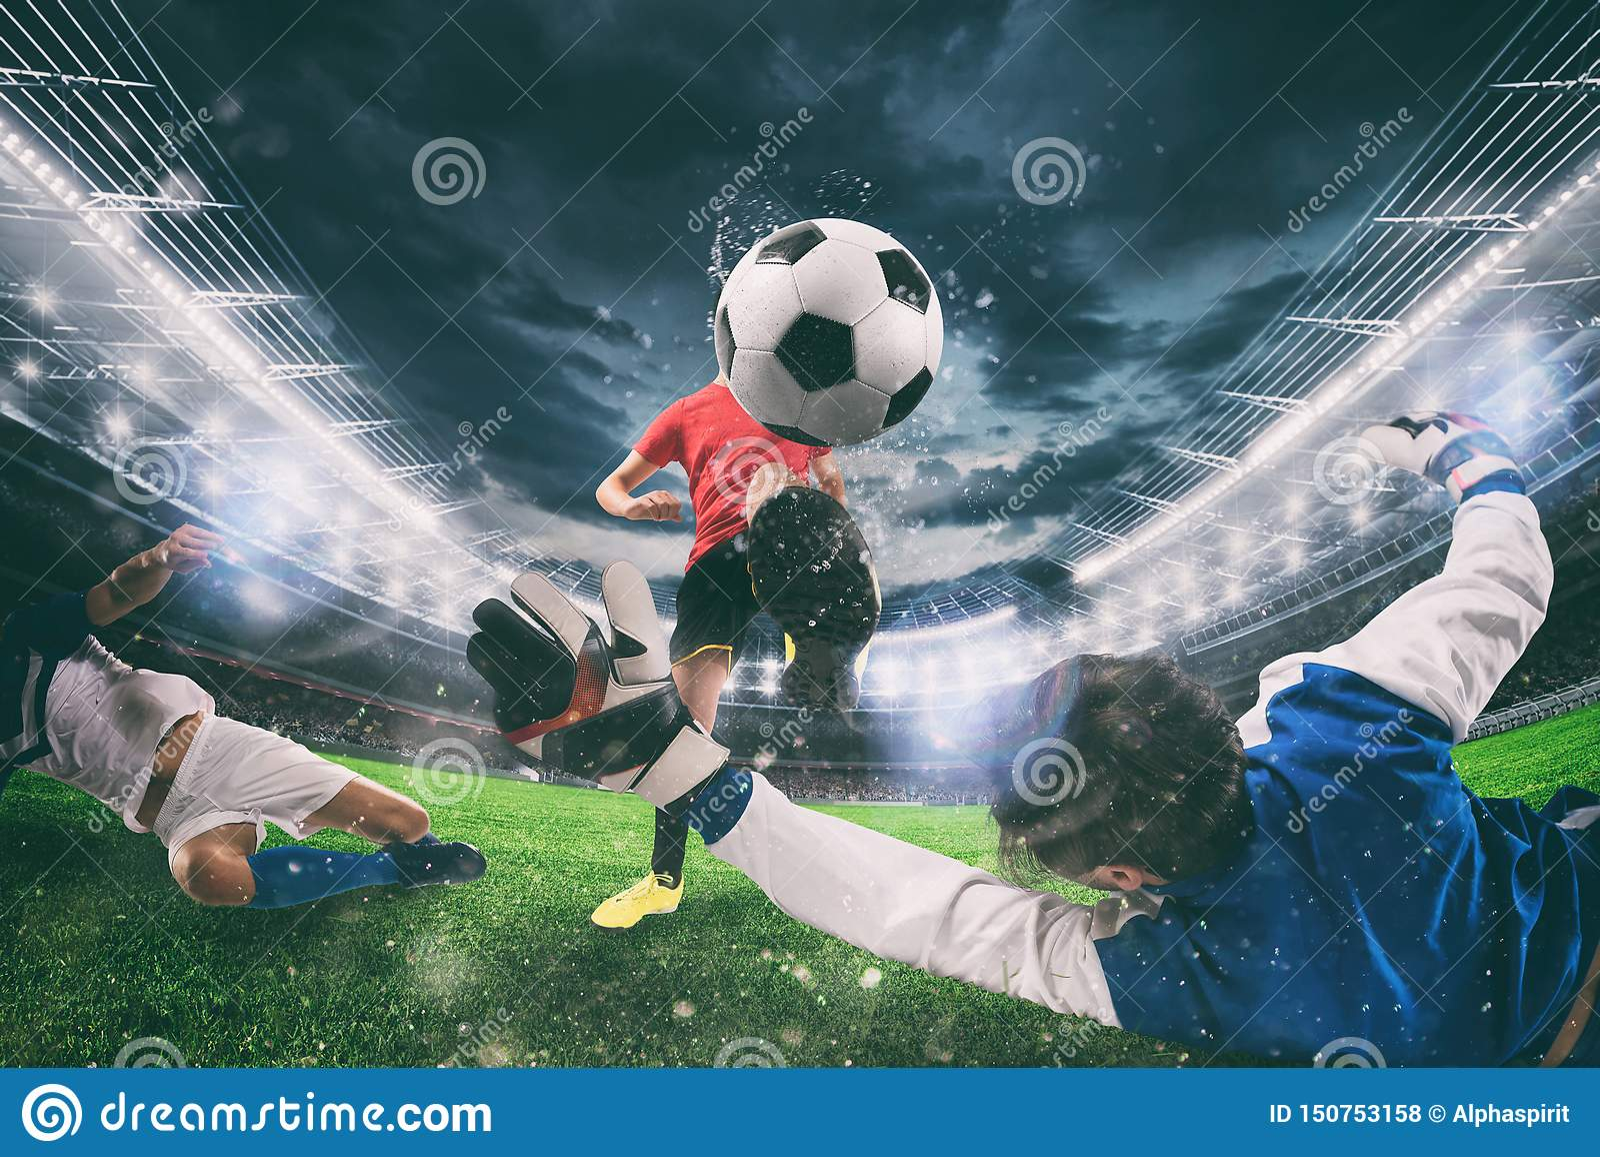 Sluit omhoog van een scène van de voetbalactie met concurrerende voetballers bij het stadion tijdens een nachtgelijke